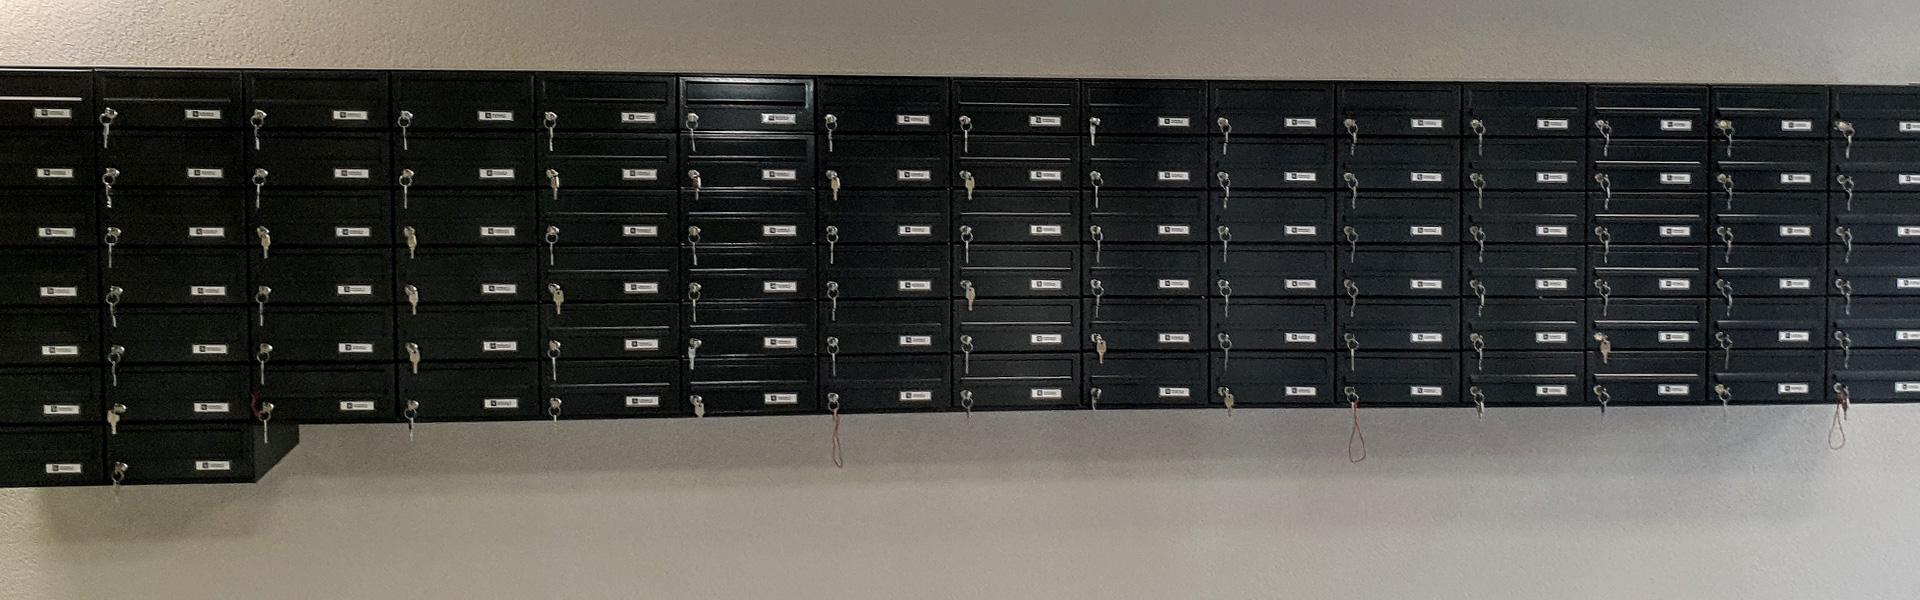 Montaža poštnega nabiralnika, mora biti v skladu s protipožarnimi predpisi